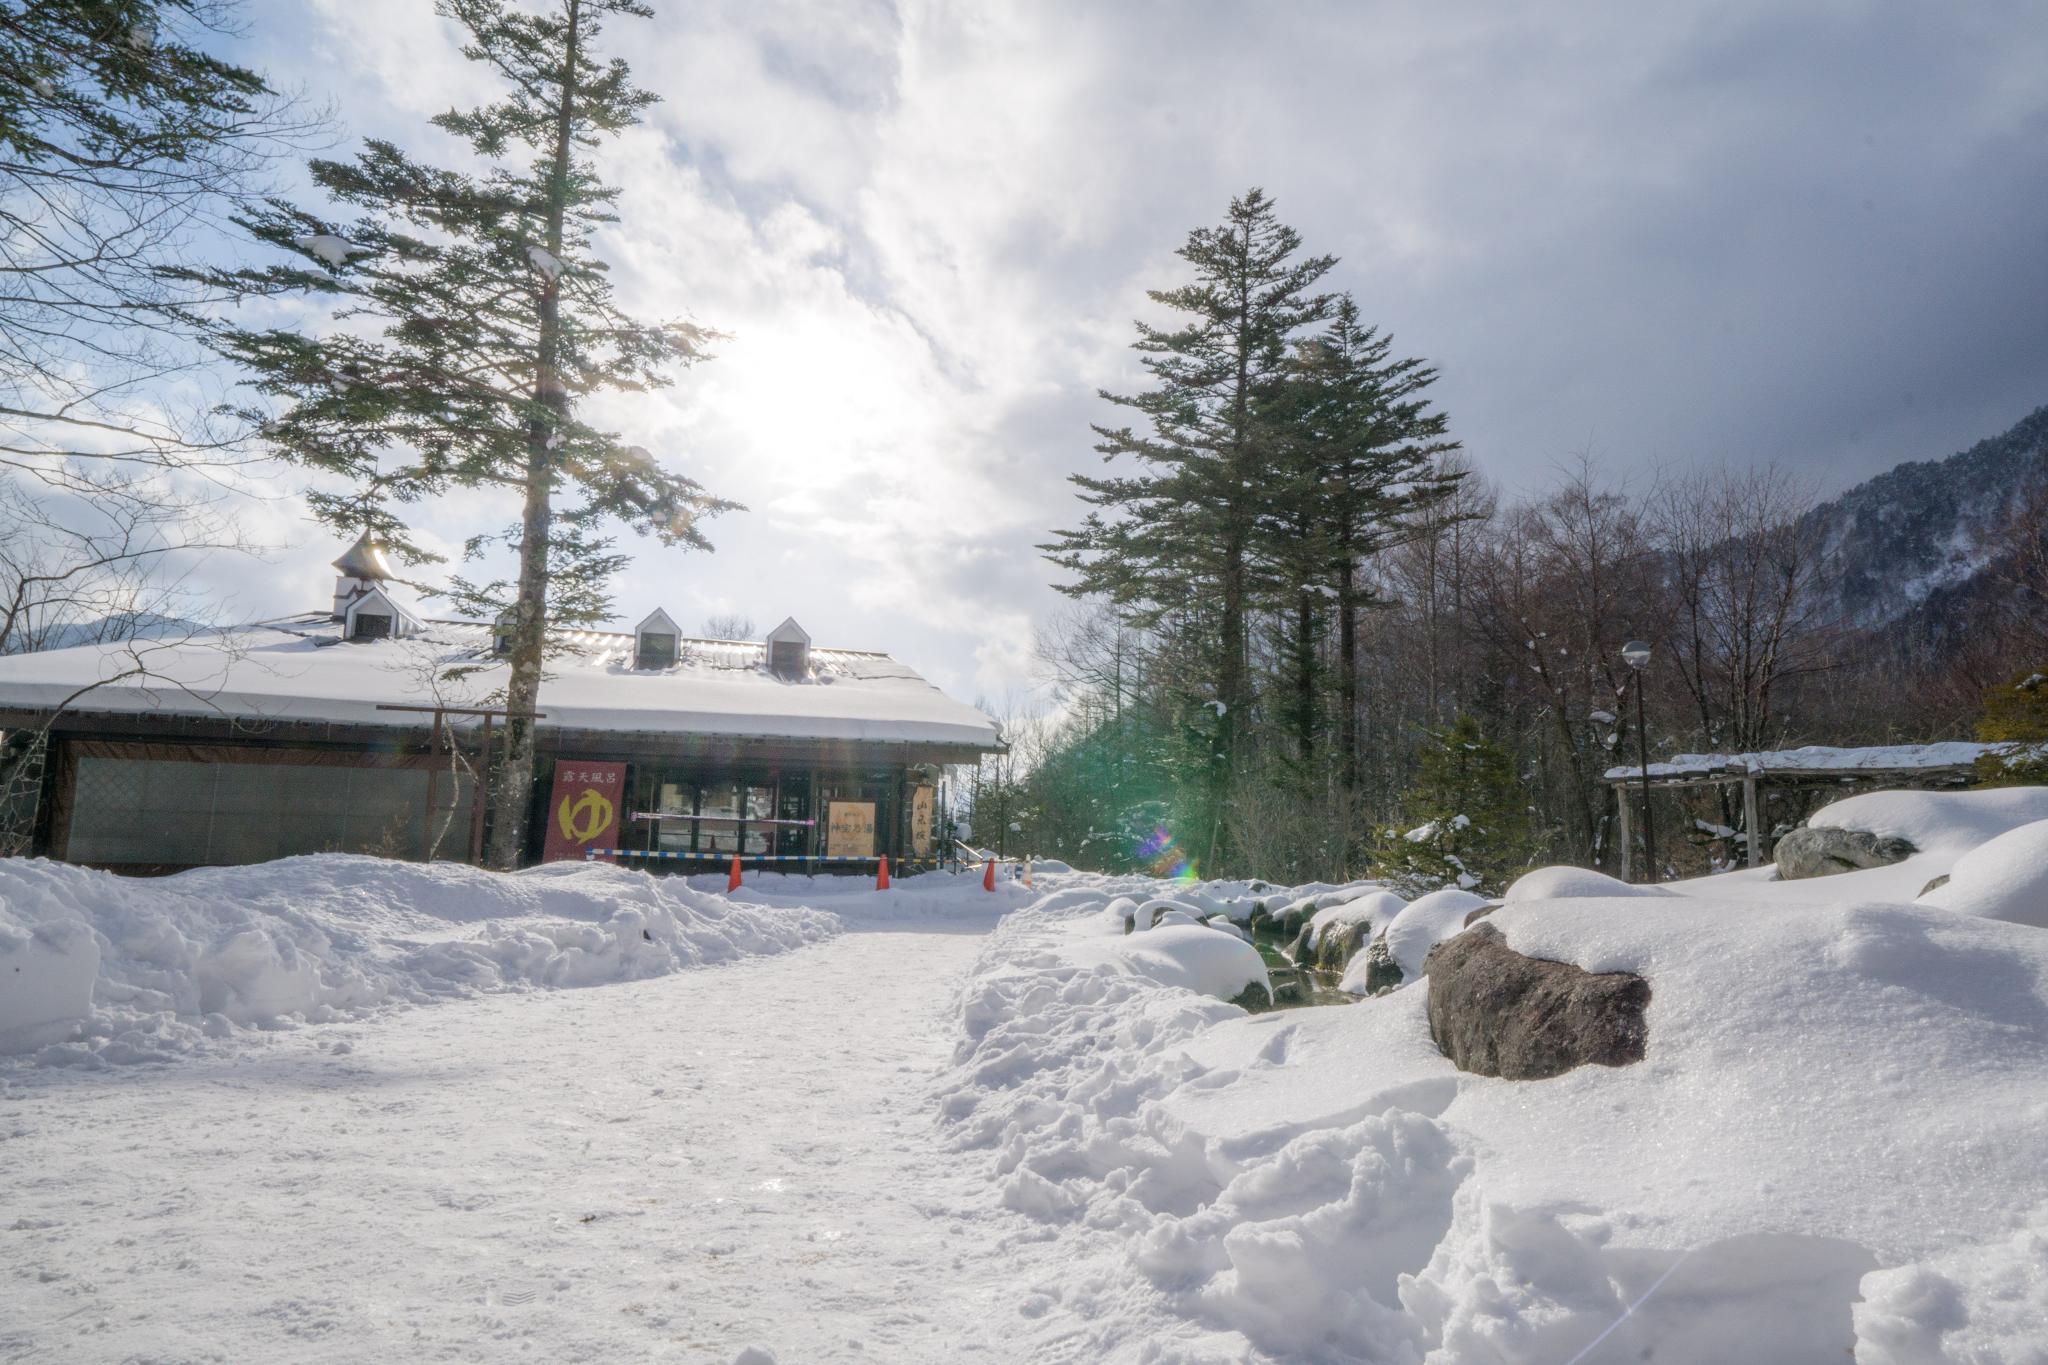 【岐阜】超級推薦!奧飛驒溫泉鄉的冬季戀歌 ~ 新穗高纜車雪景攻略 124